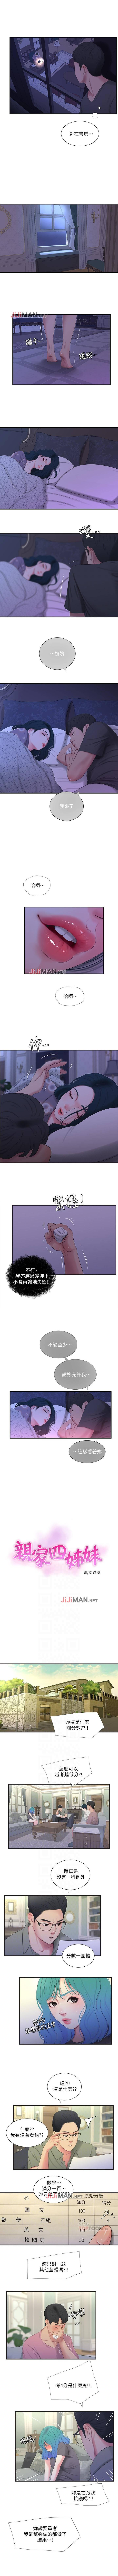 【周四连载】亲家四姐妹(作者:愛摸) 第1~31话 93